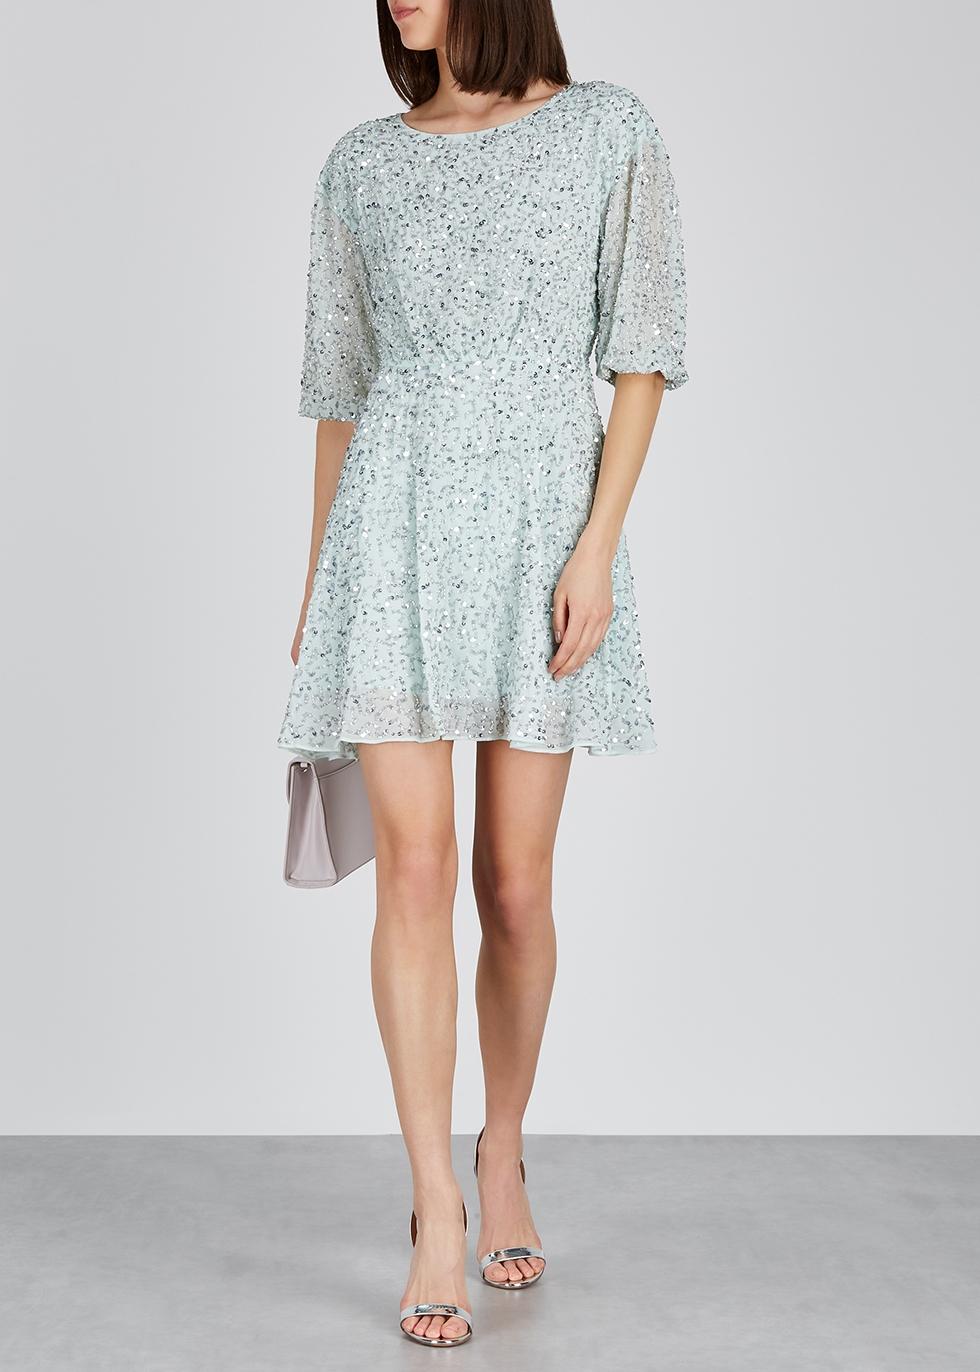 Palmira embellished chiffon mini dress - Alice + Olivia